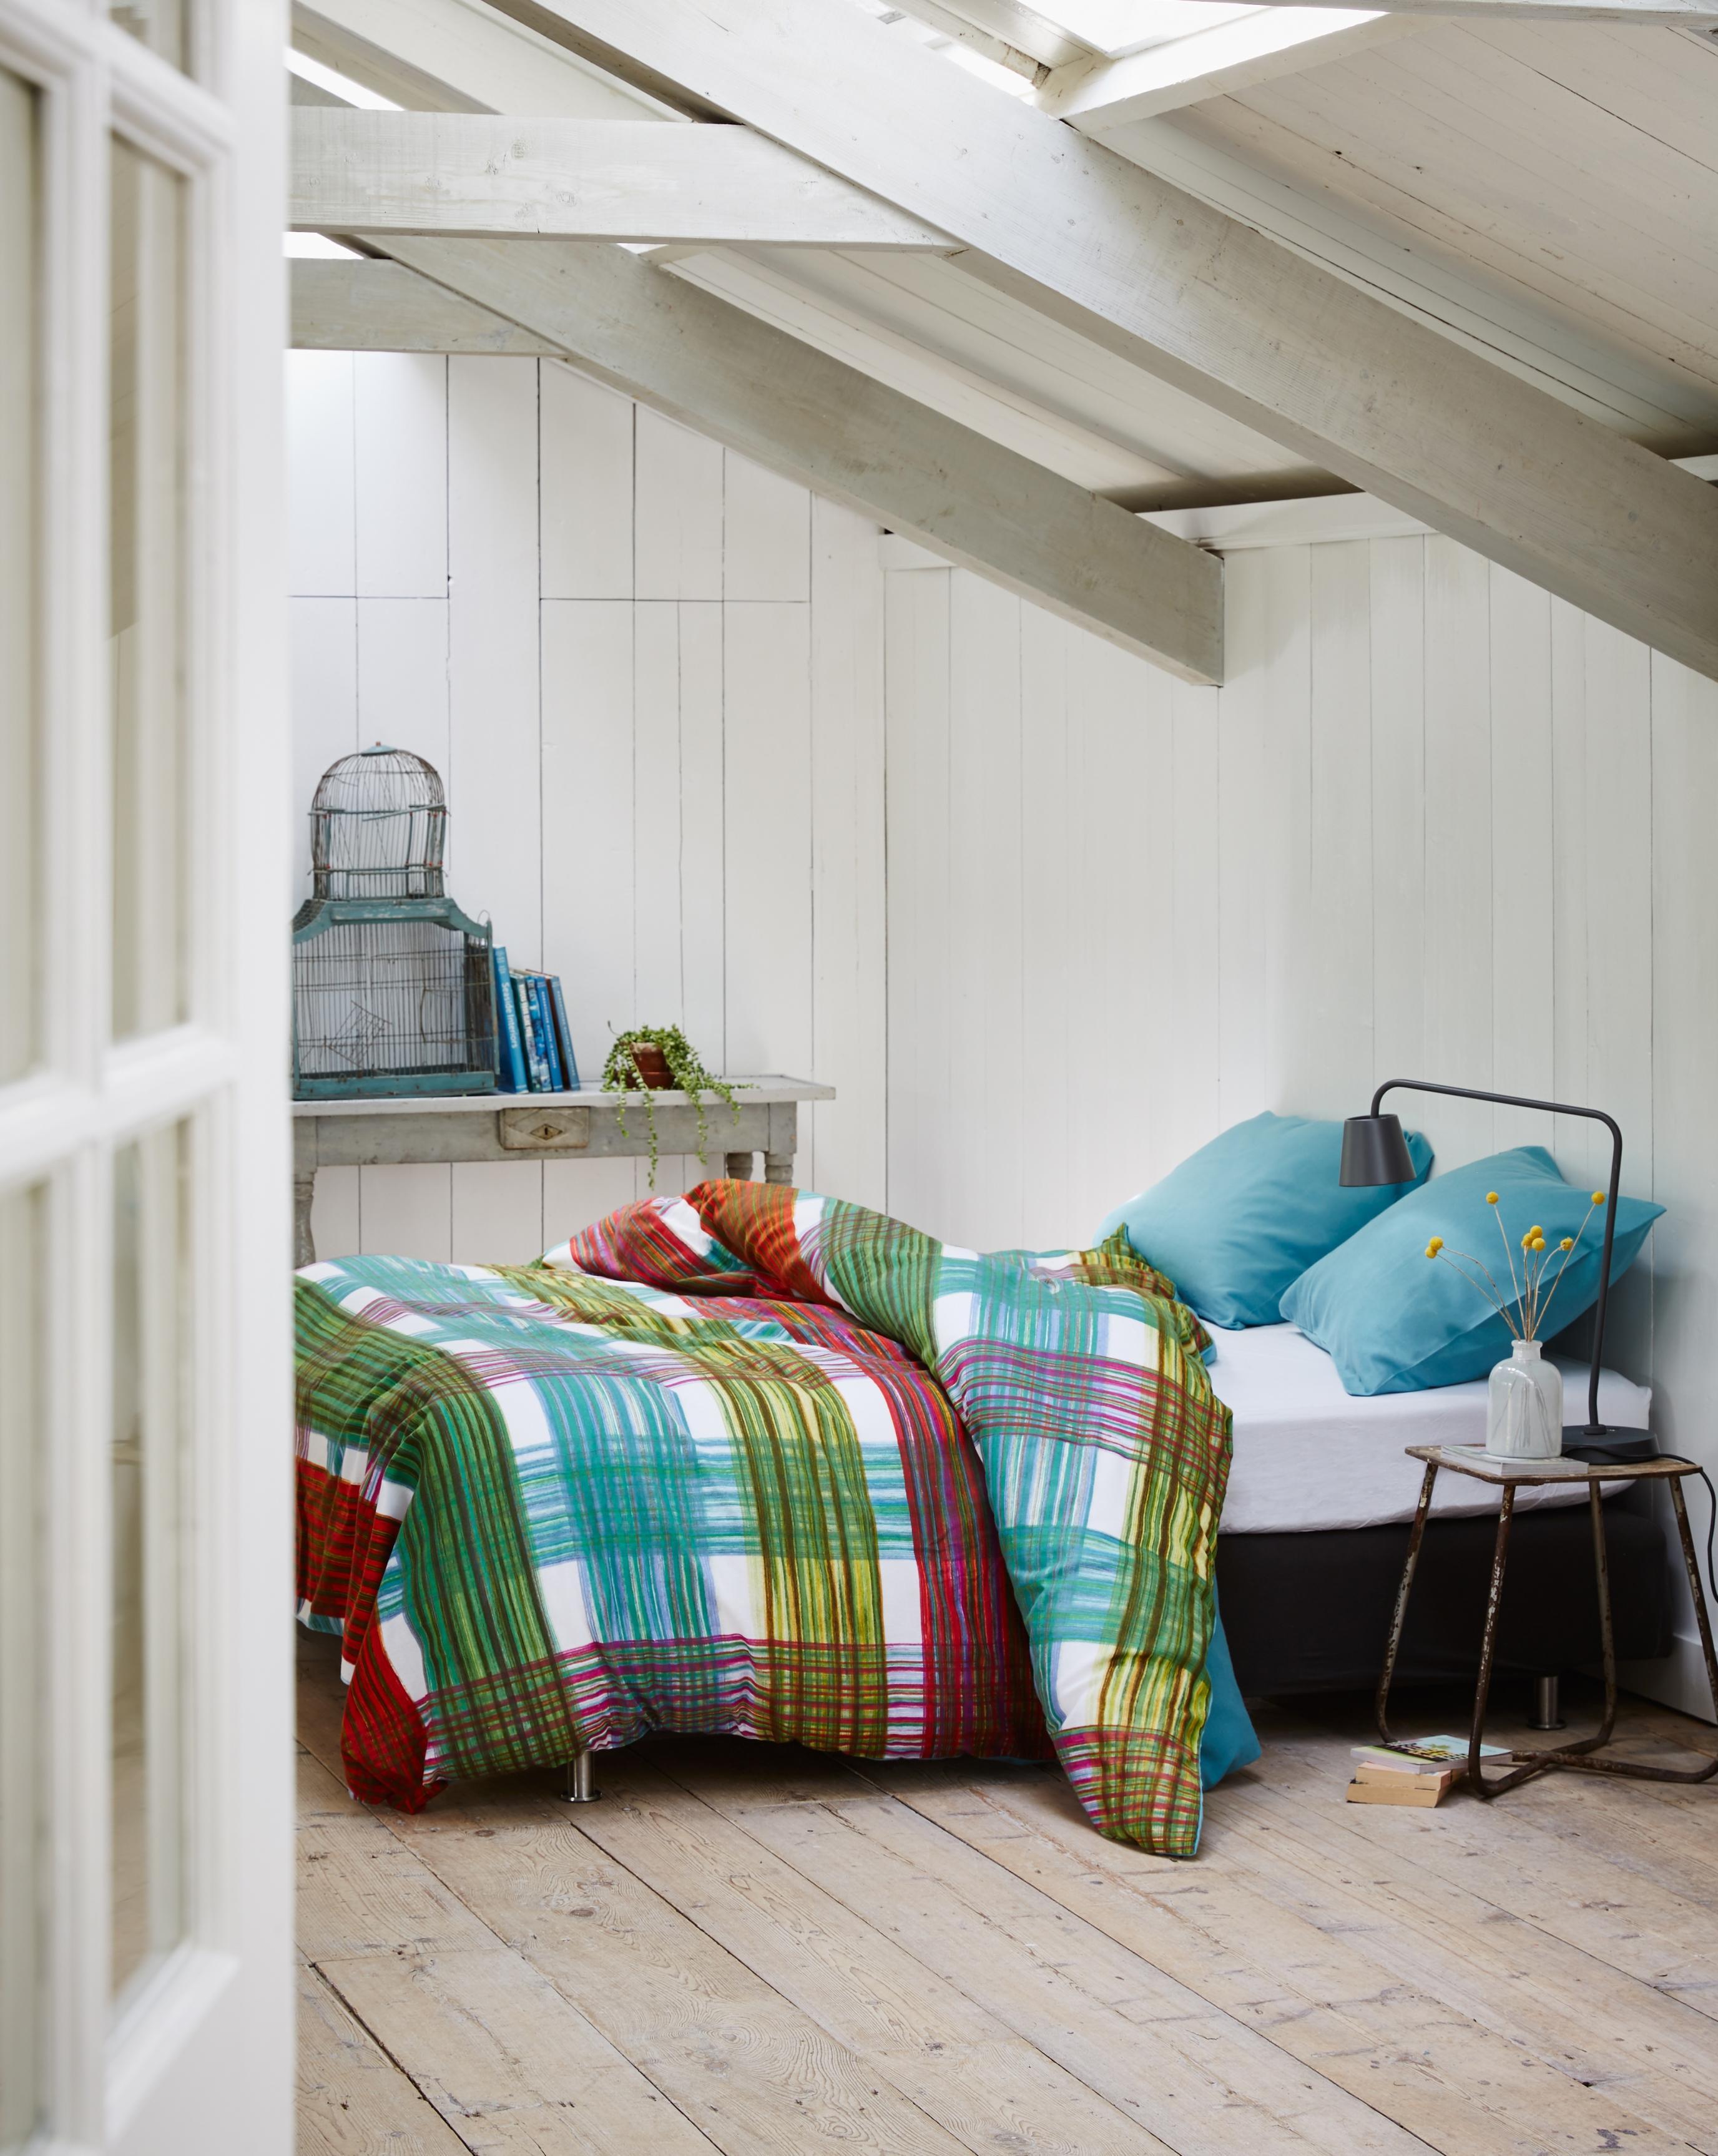 Gemütliches Schlafzimmer Unter Dem Dach #bett #dielenboden #bettwäsche  #buntebettwäsche #zimmergestaltung ©